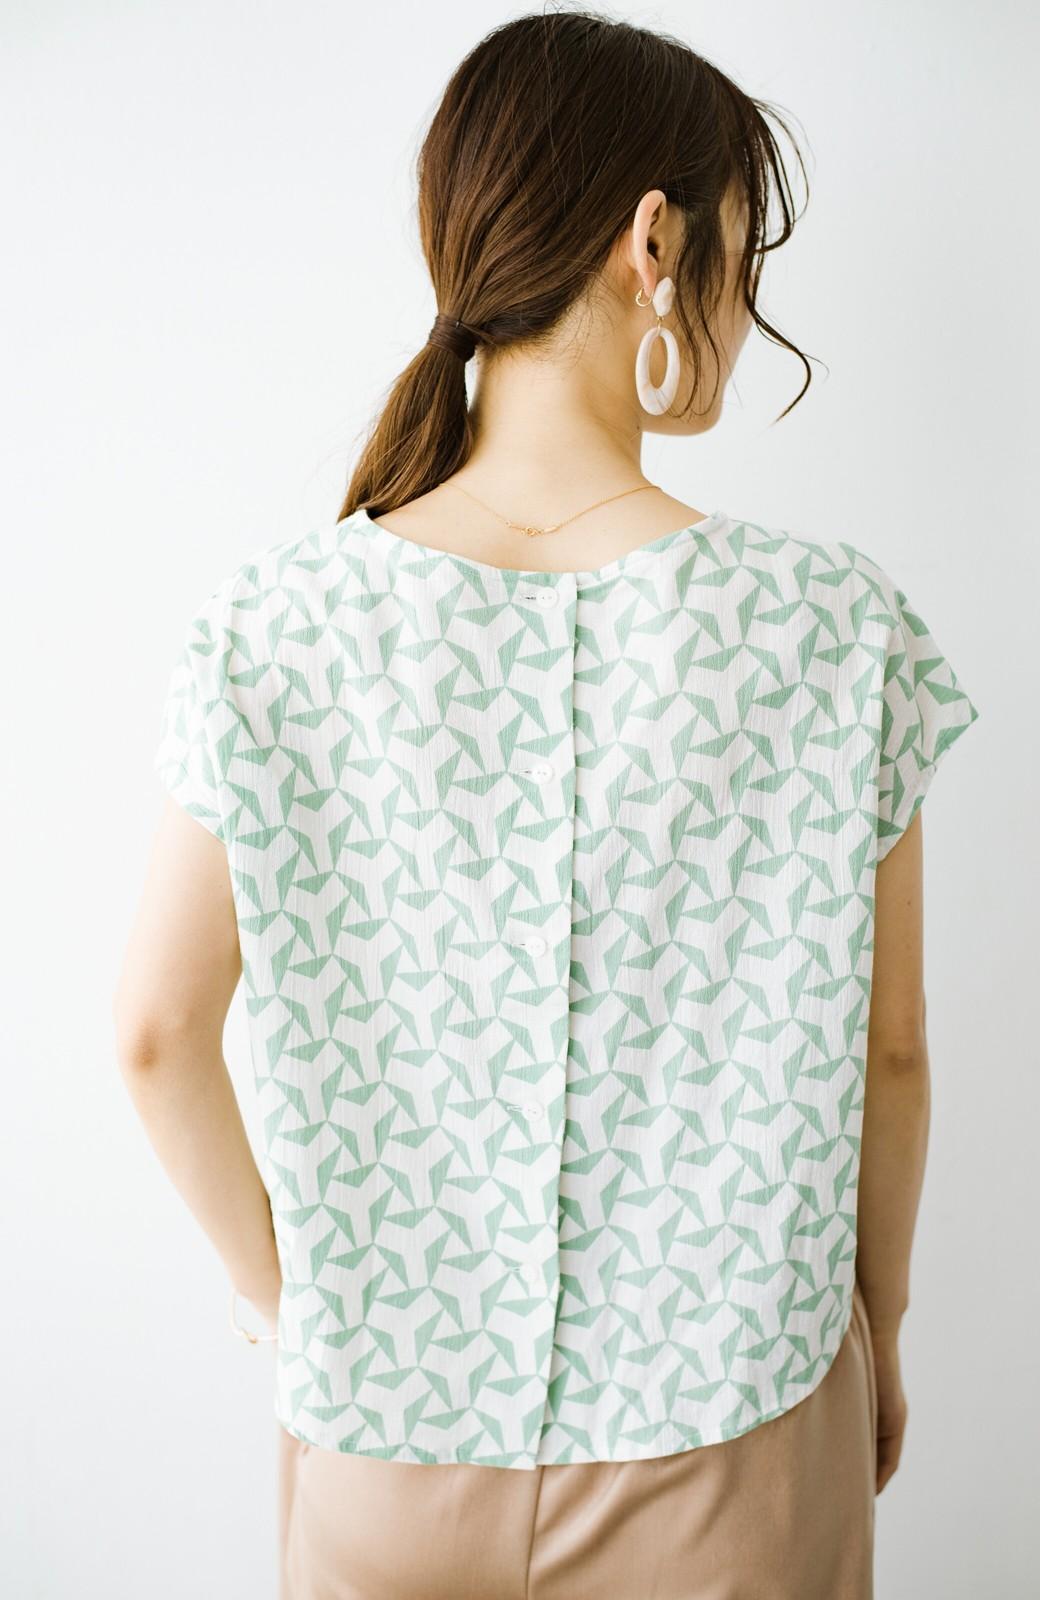 haco! 京都の浴衣屋さんと作った浴衣生地の後ろボタンブラウス <ホワイト×グリーン>の商品写真12